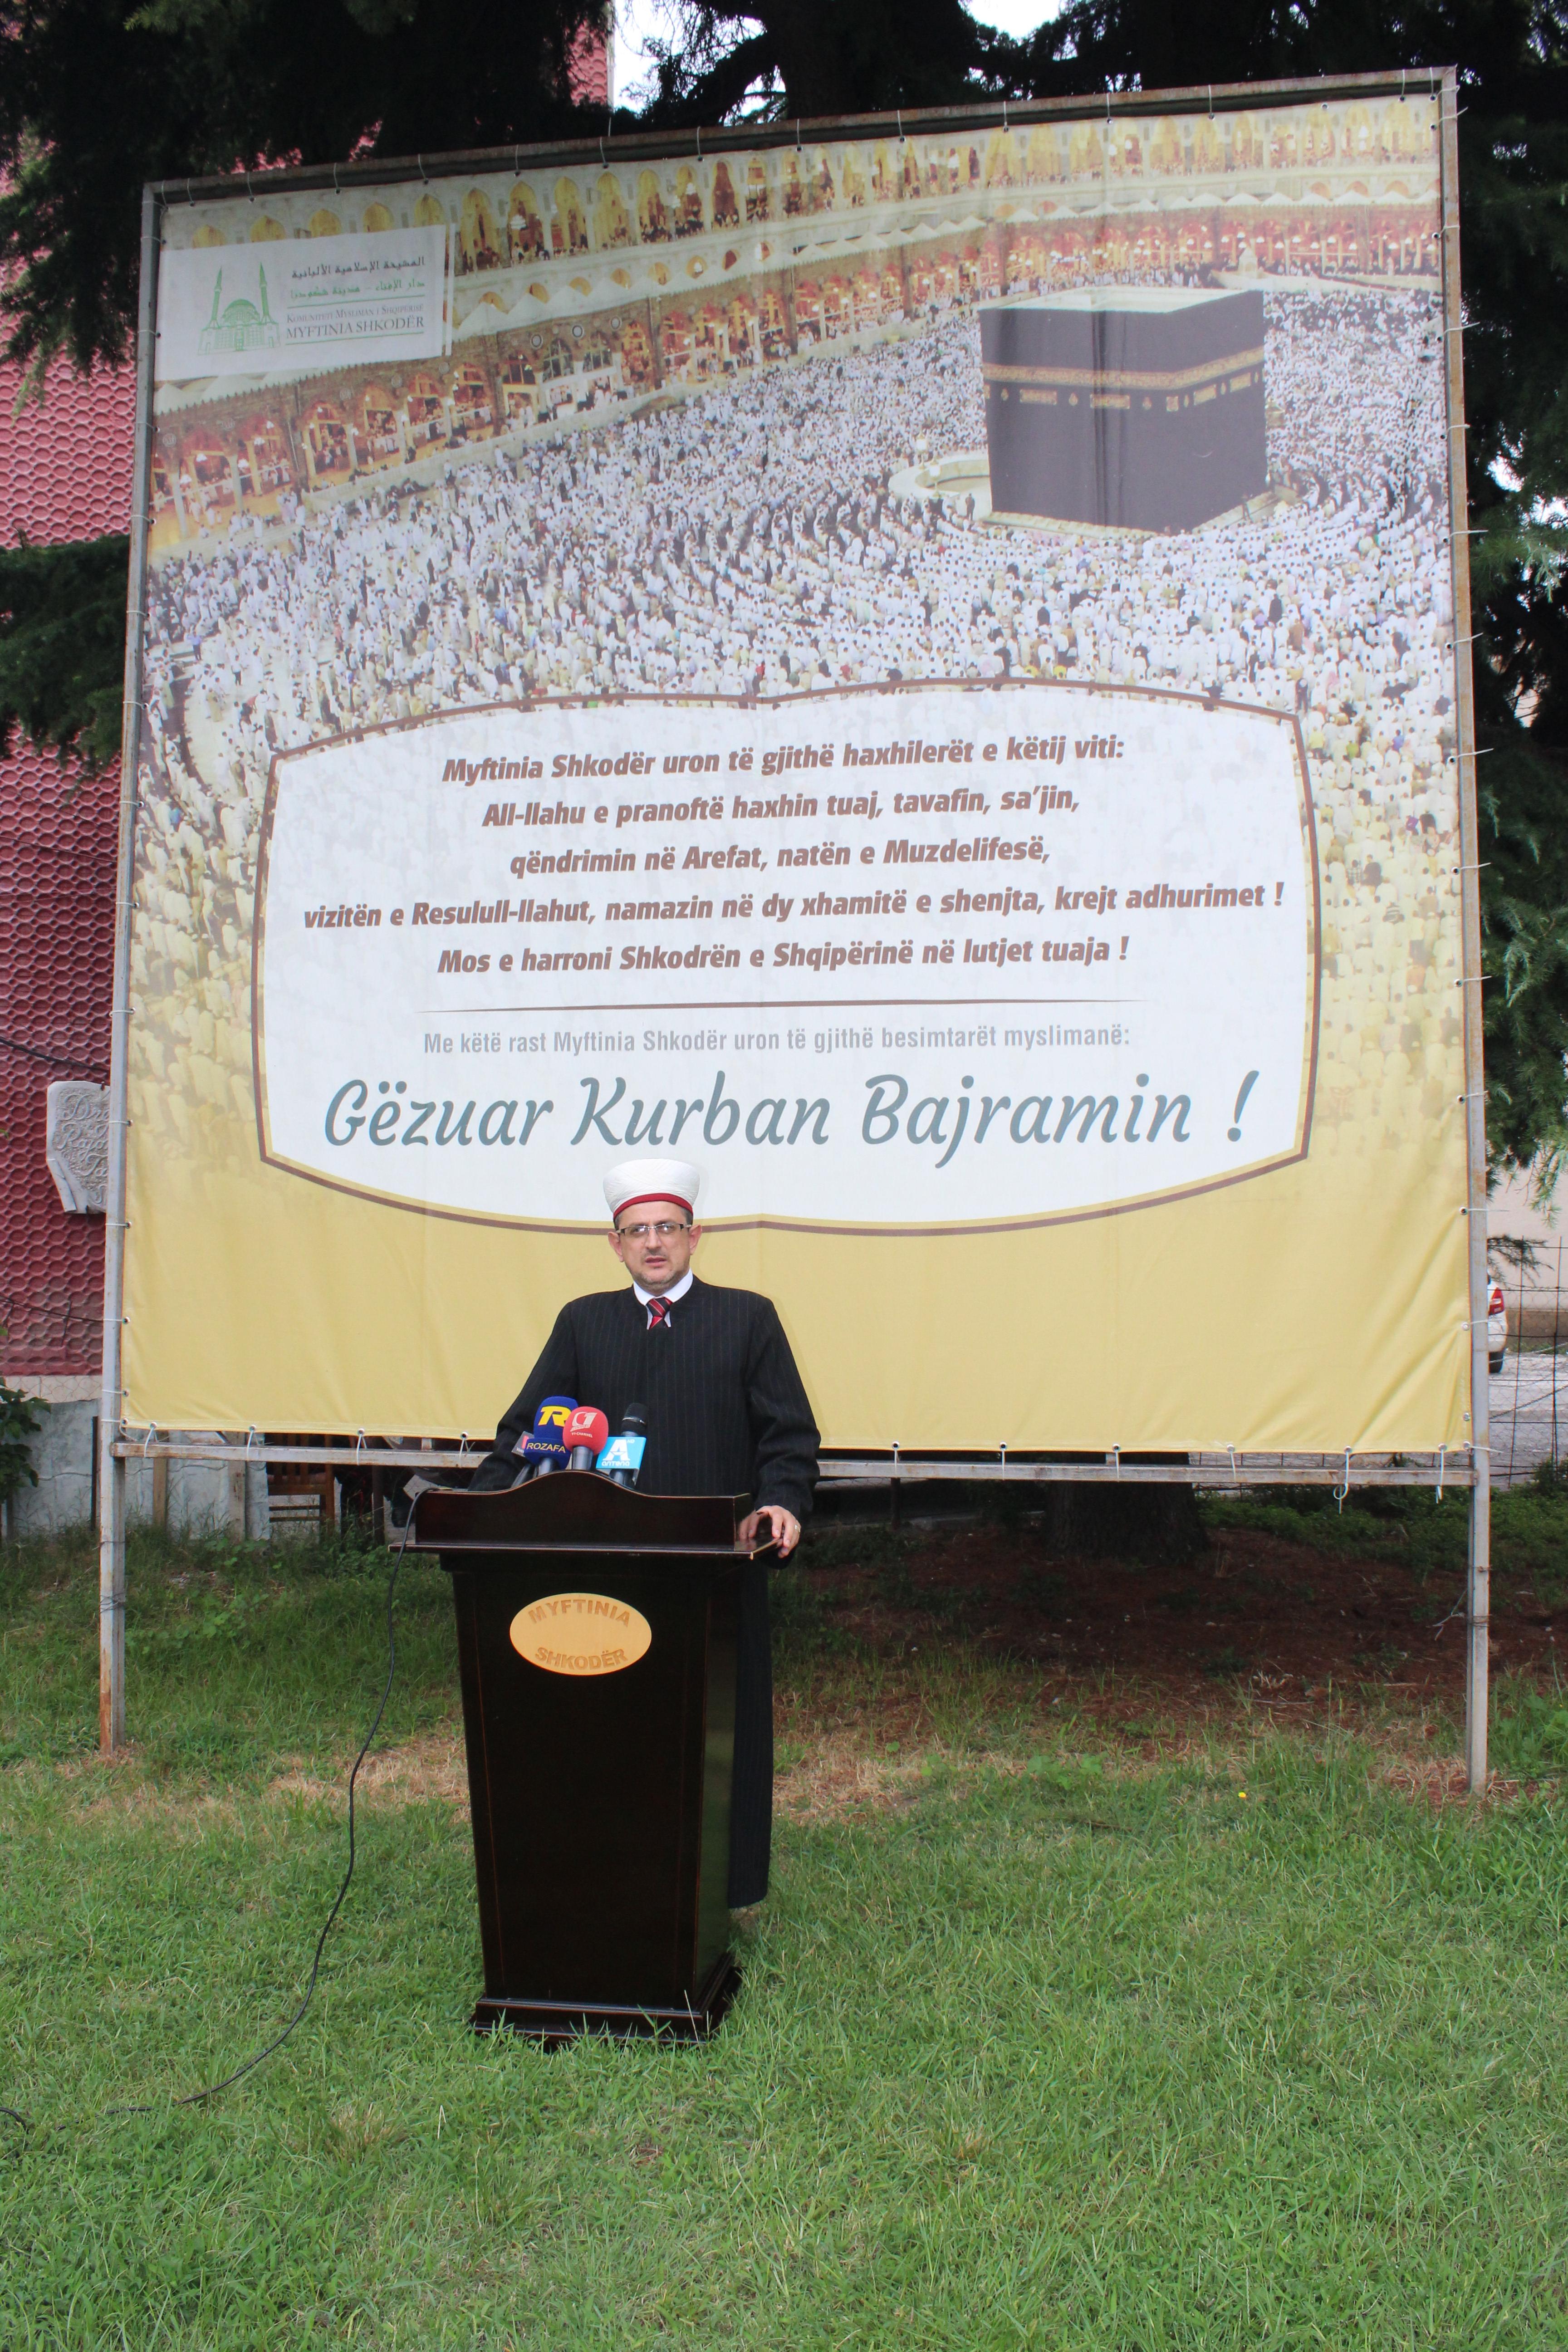 Mesazhi i Myftinisë Shkodër me rastin e Kurban Bajramit – 1437/2016